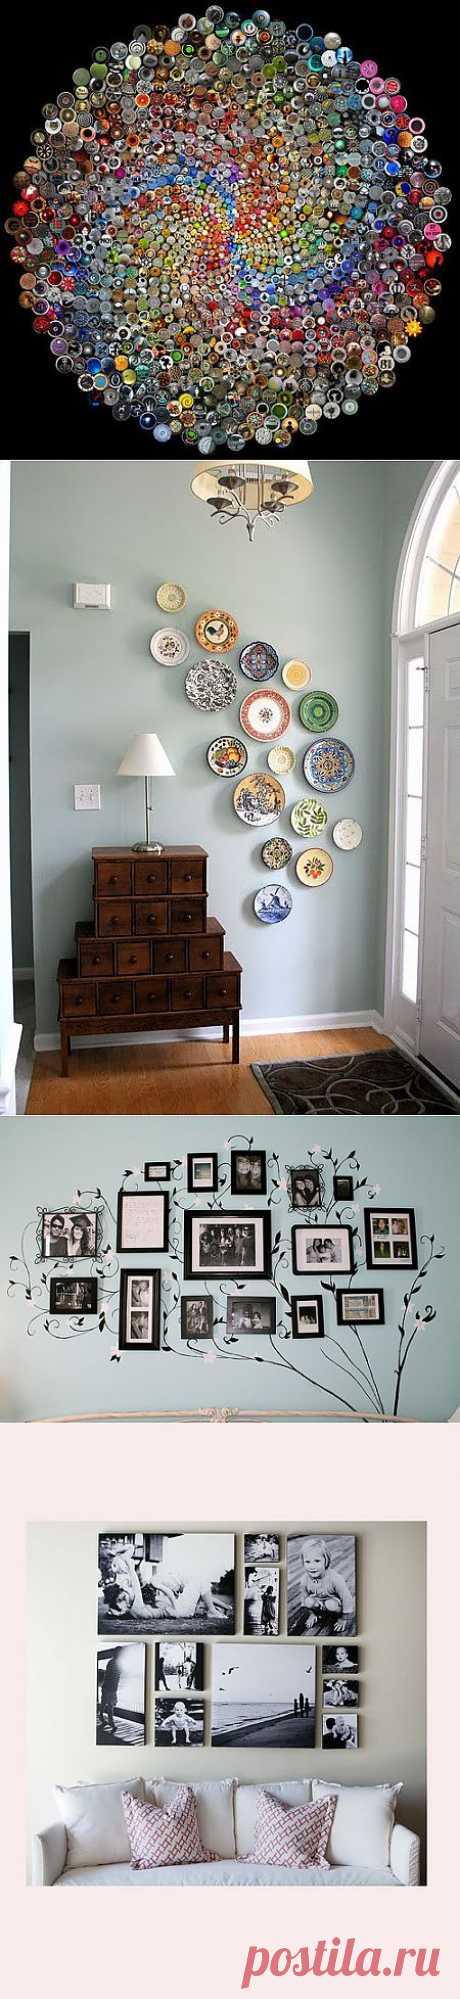 Еще красивых идей по украшению стен: / Декор стен / ВТОРАЯ УЛИЦА